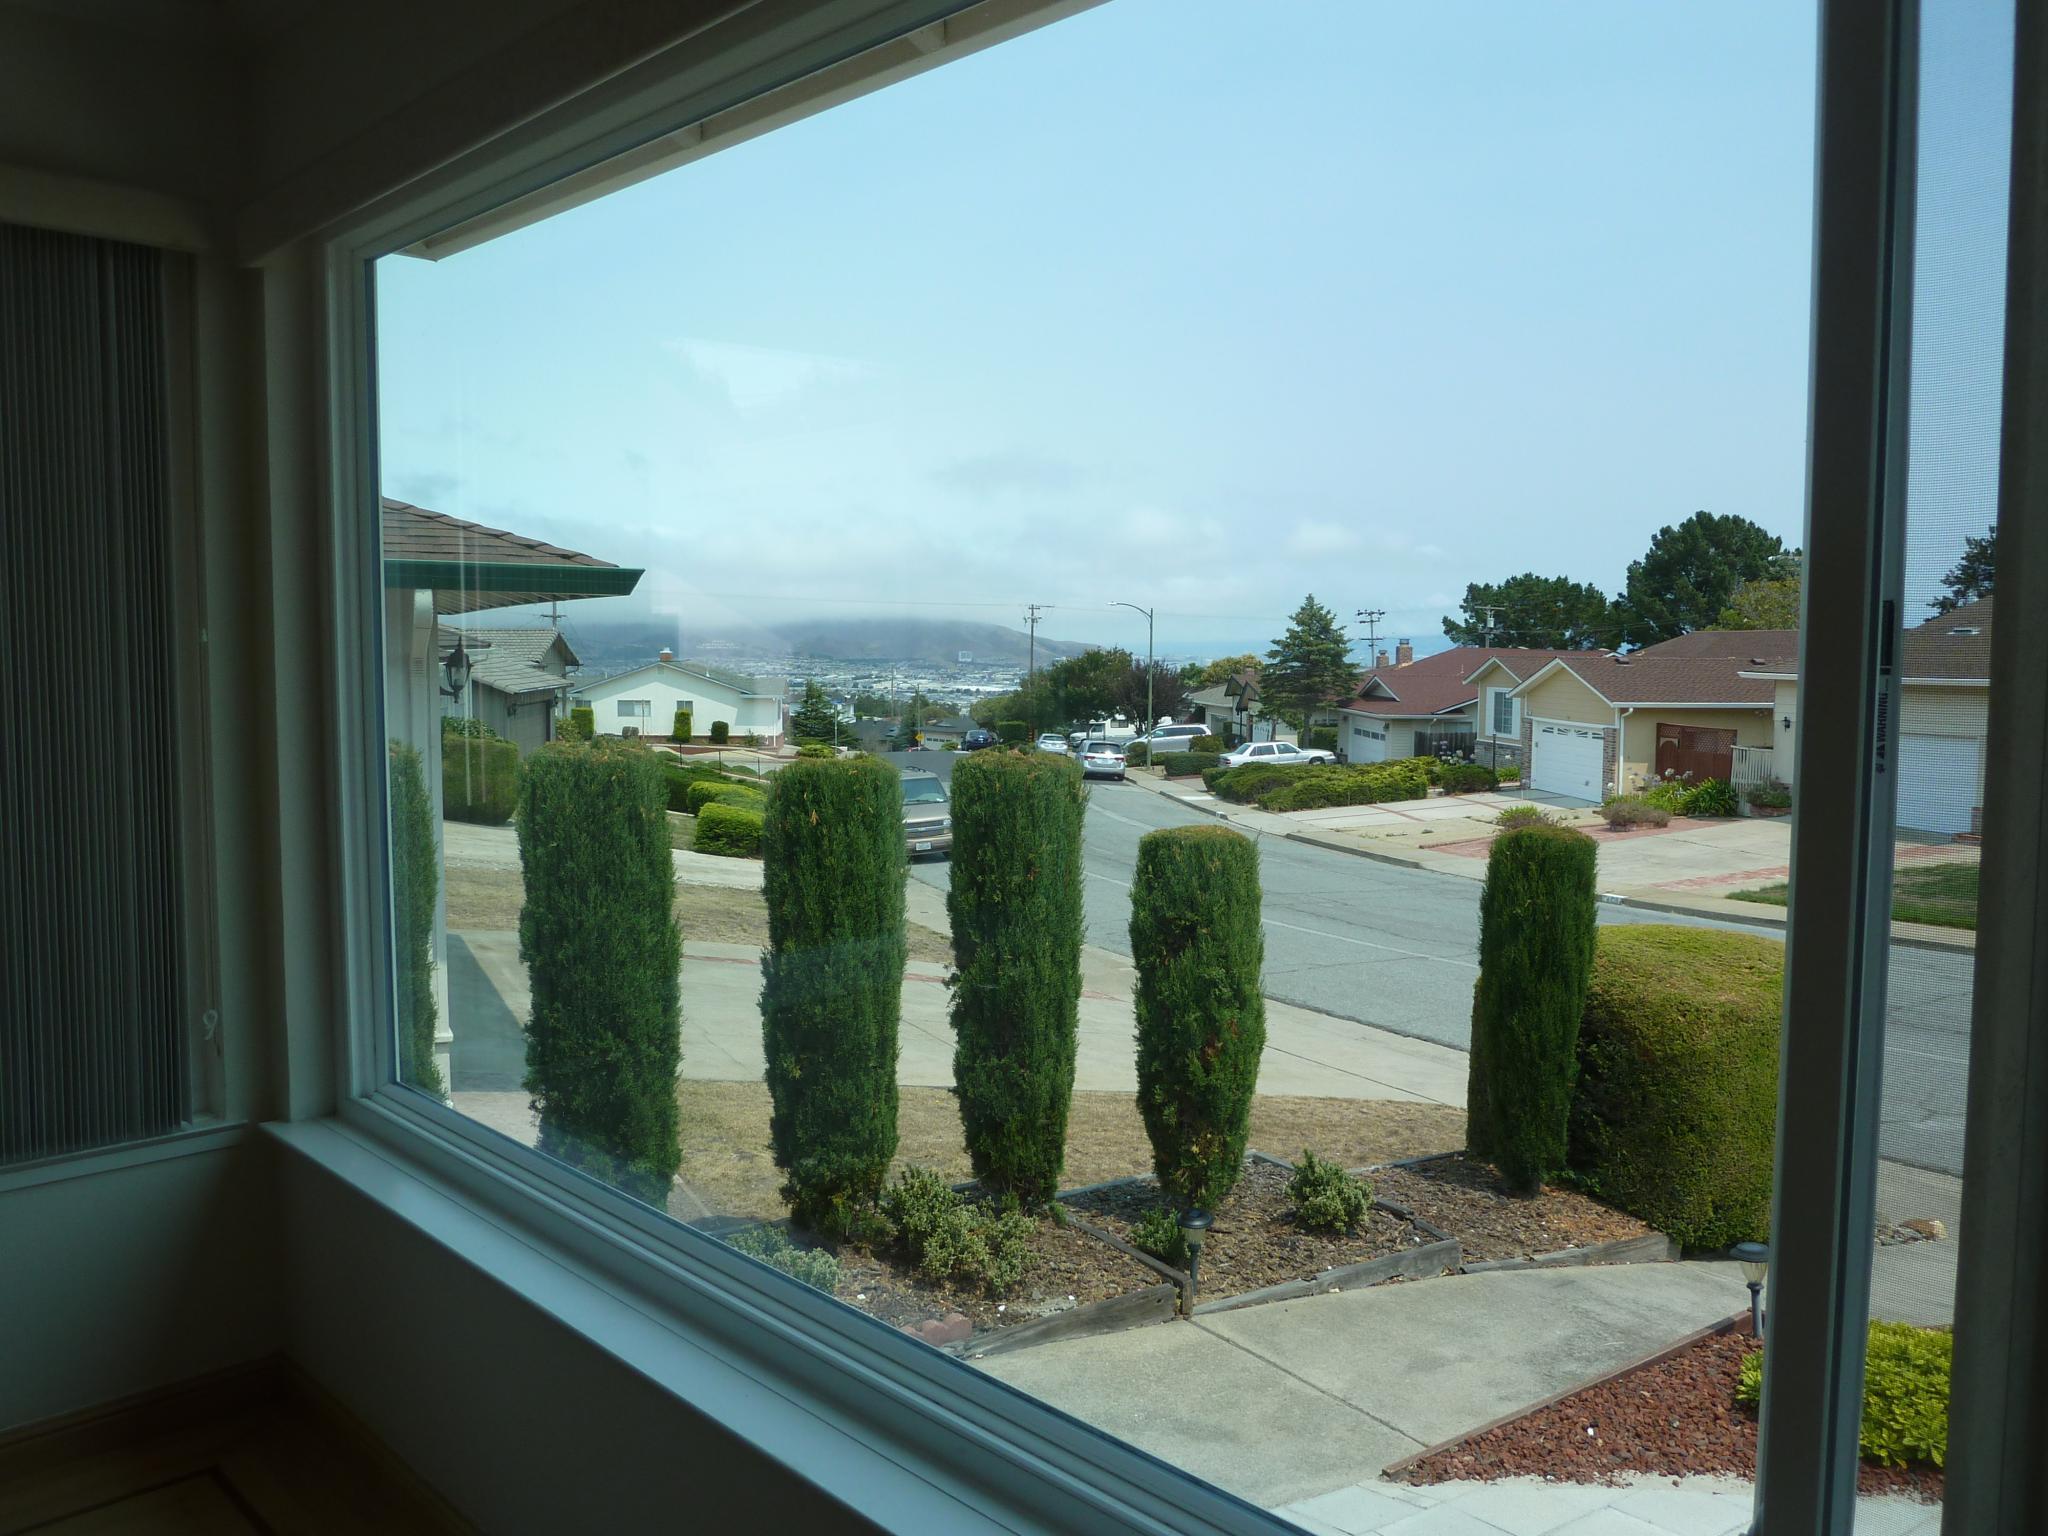 863 Crestview Dr For Rent - Millbrae, CA | Trulia